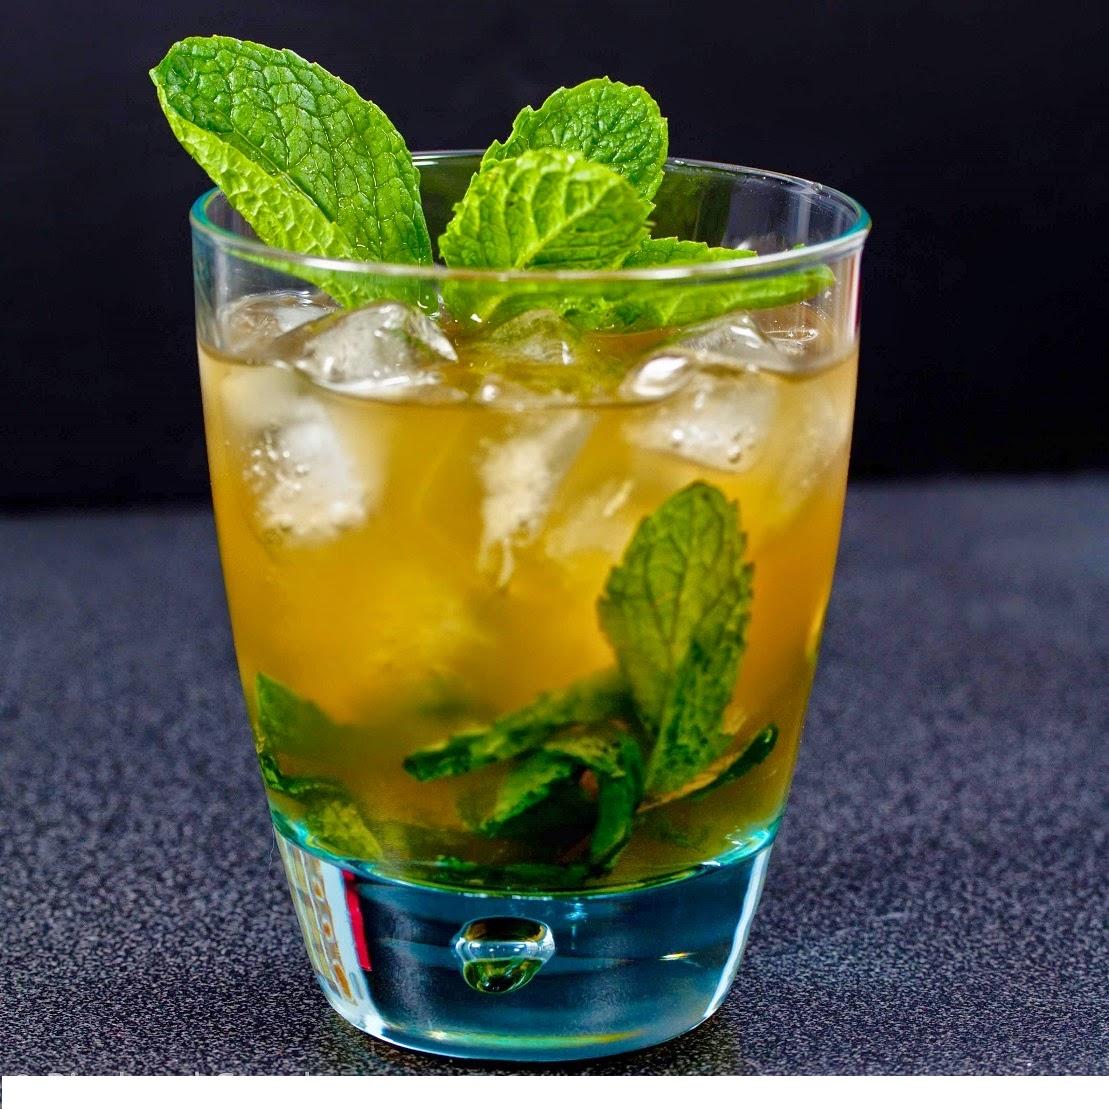 Historia y preparación de un refrescante Mint Julep